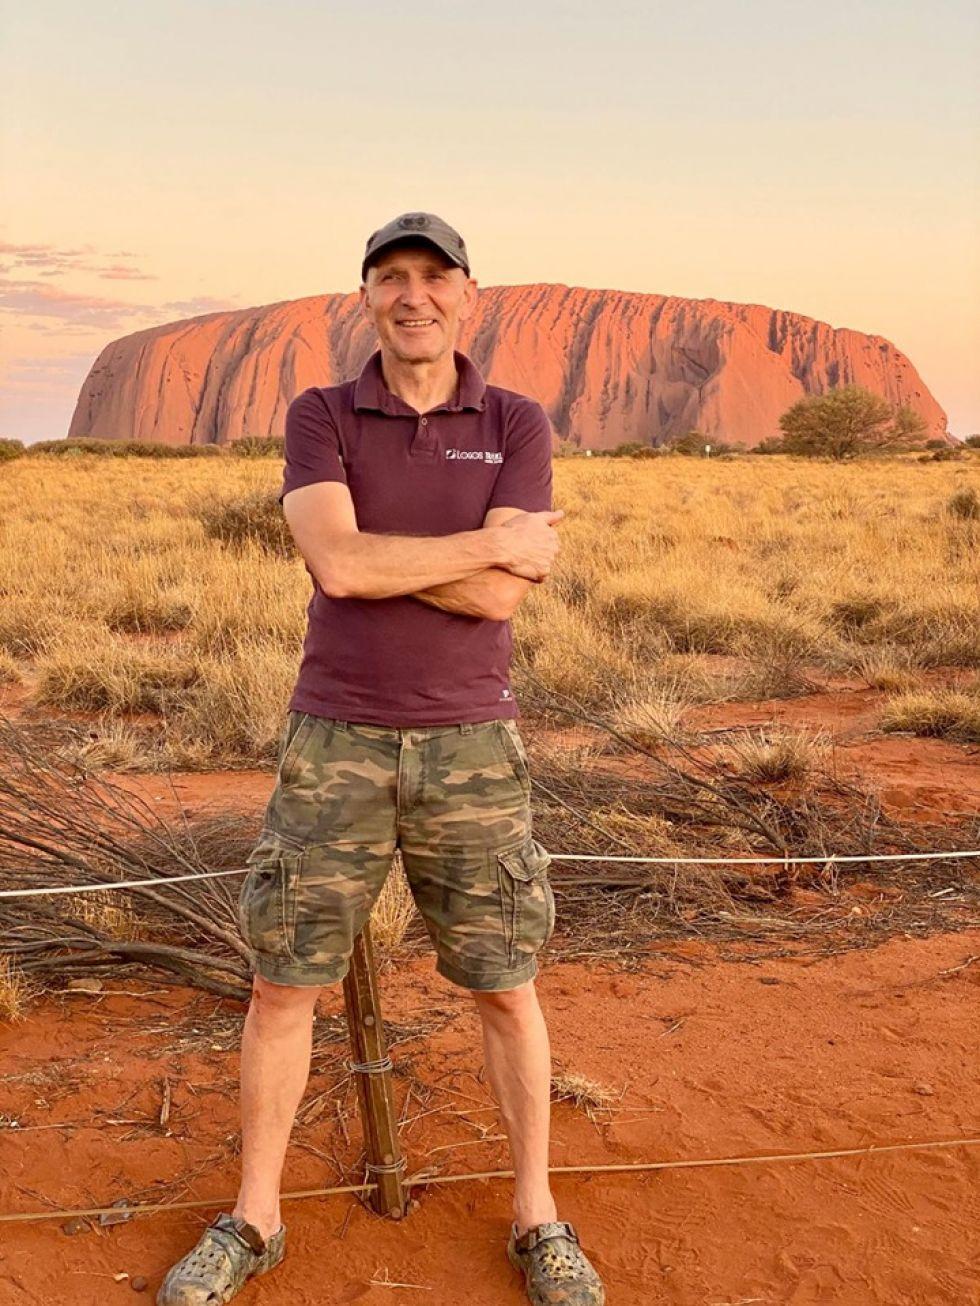 pilot Emilian na tle Uluru swietej gory Aborygenow